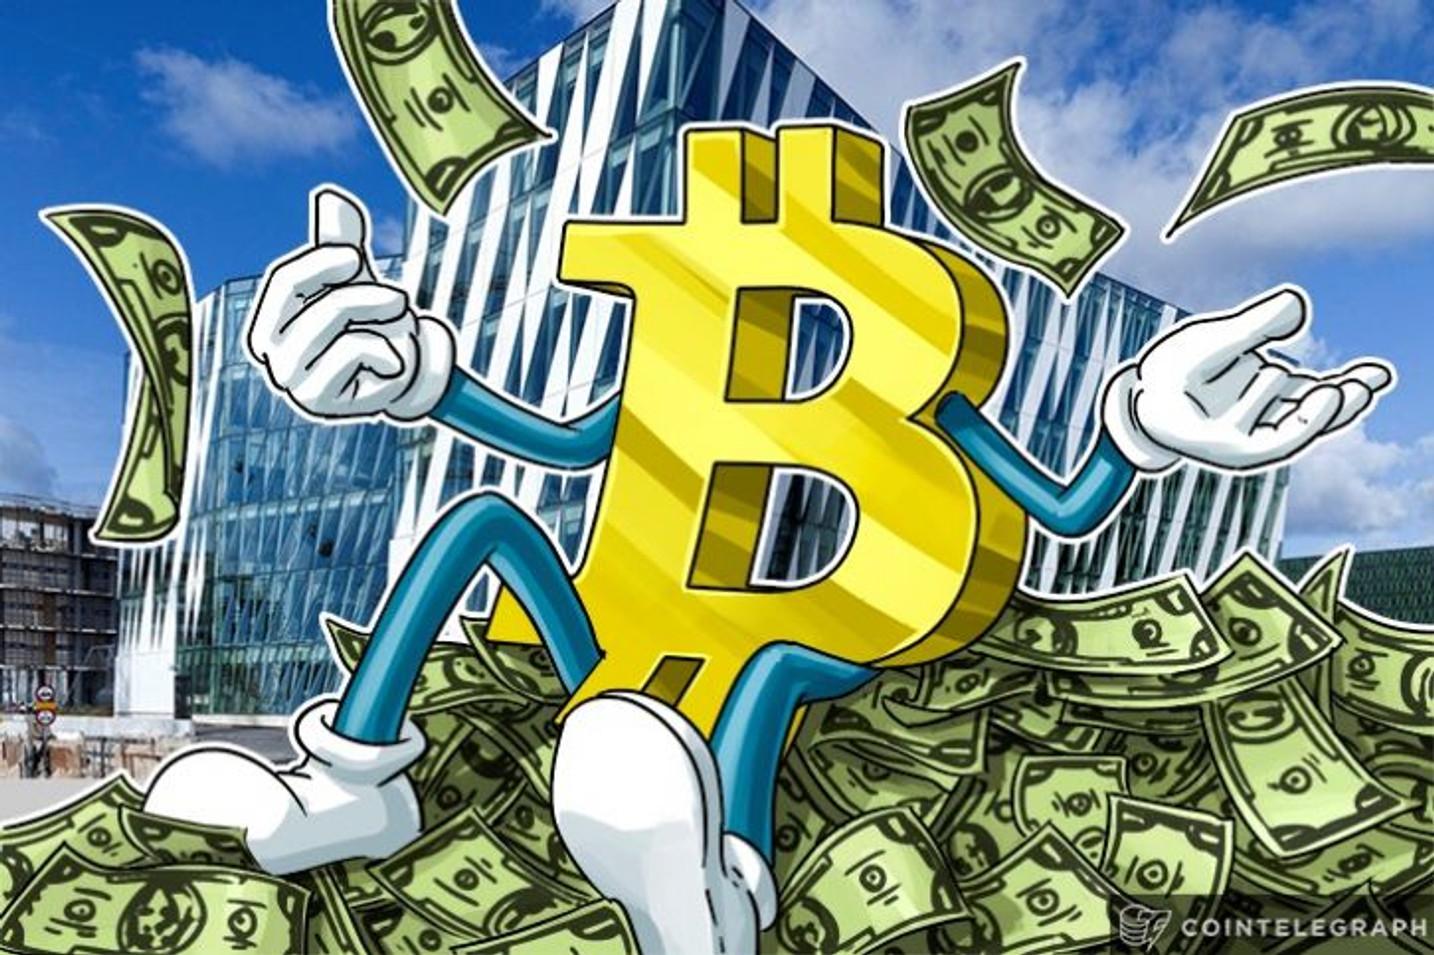 Limite de Mercado do Bitcoin cruza a Marca dos US$ 50 Bilhões à medida que o Preço do BTC sobe